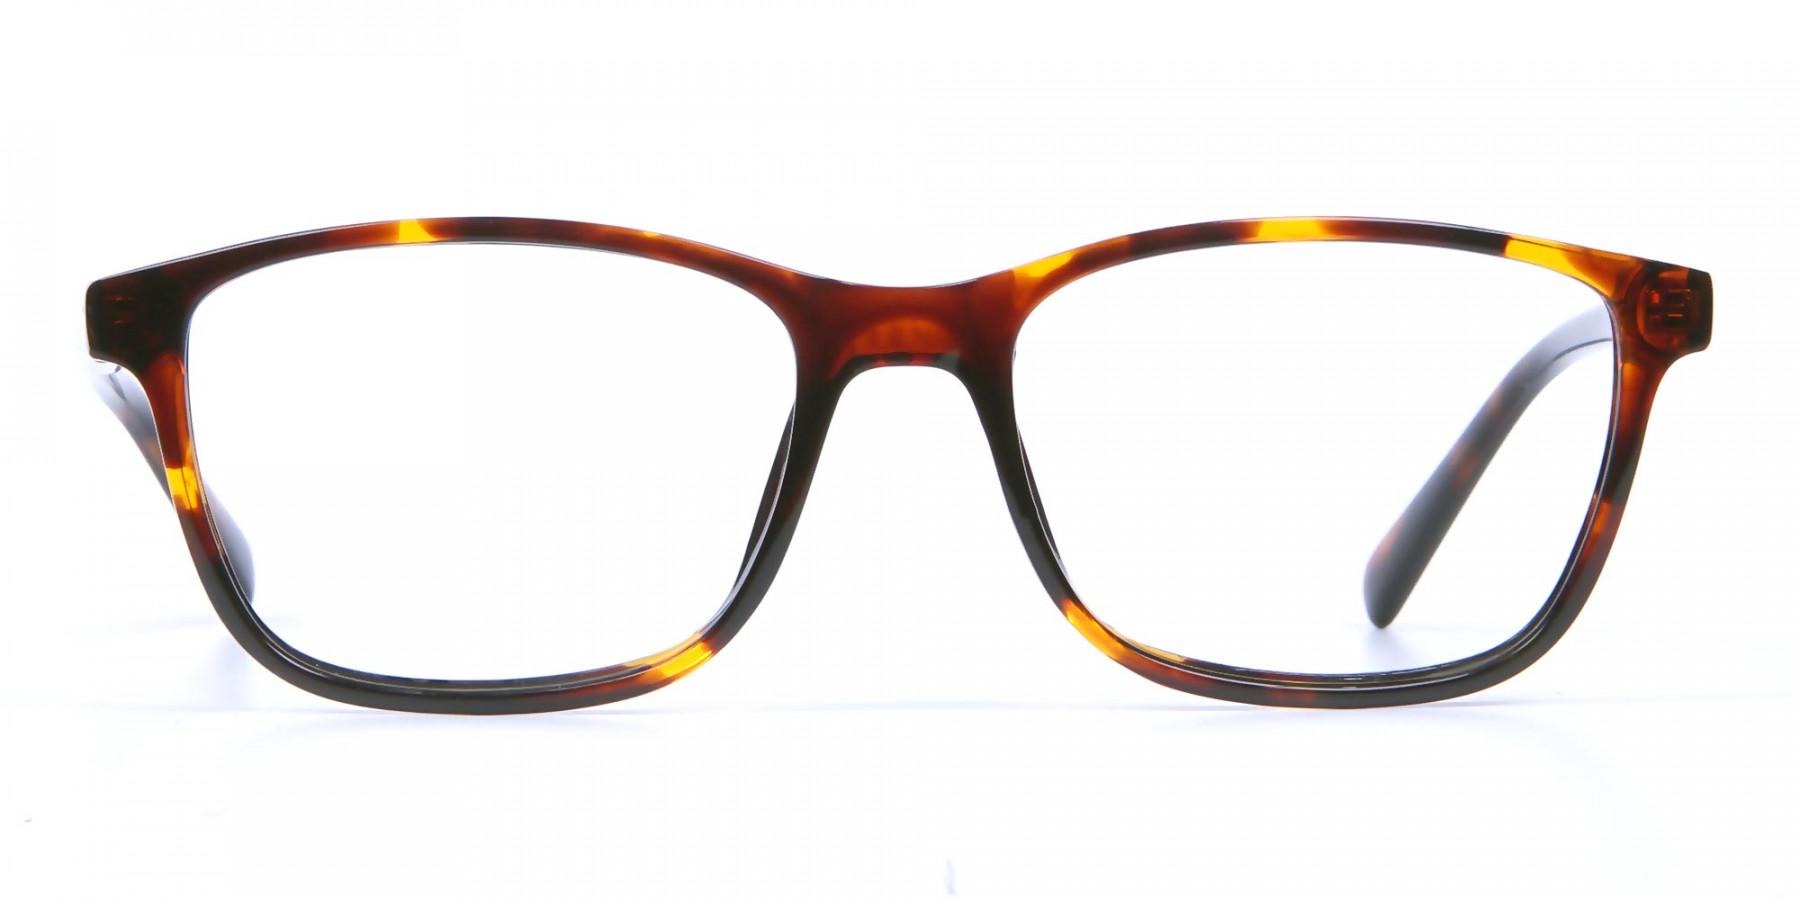 Wayfarer glasses in Tortoiseshell for Men & Women -1